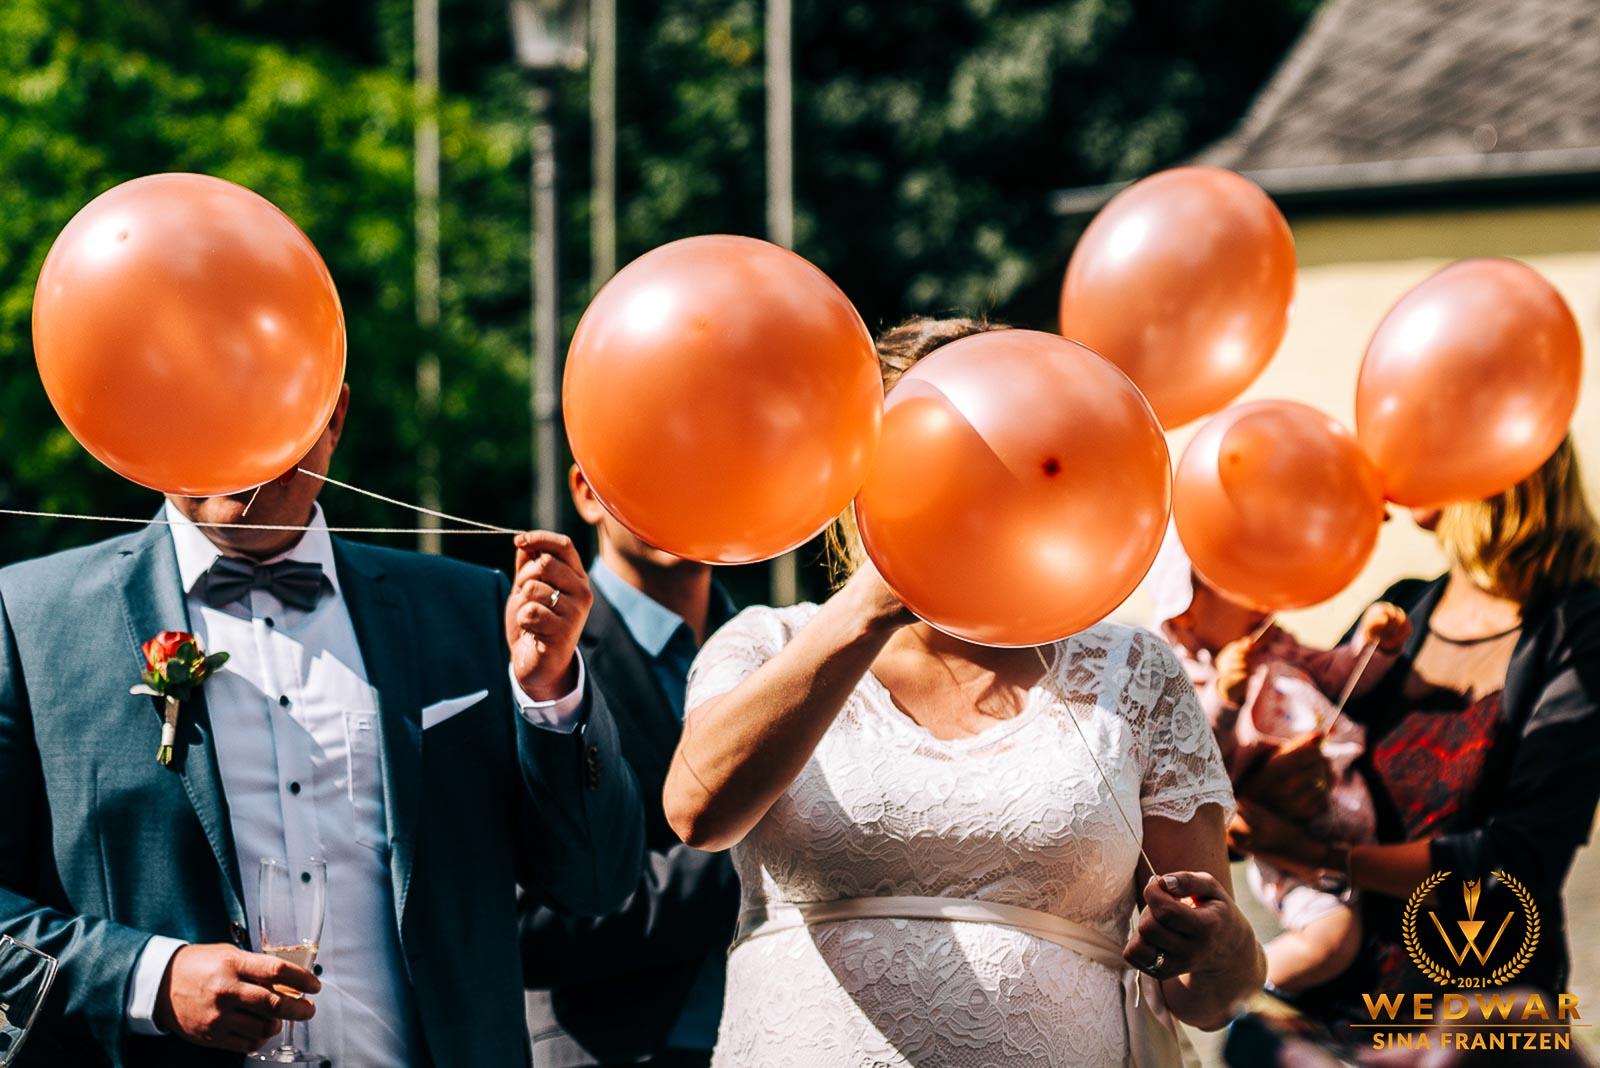 Ballons vor den Gesichtern einer Hochzeitsgesellschaft - Gewinnerbild Wedwar WAC-18